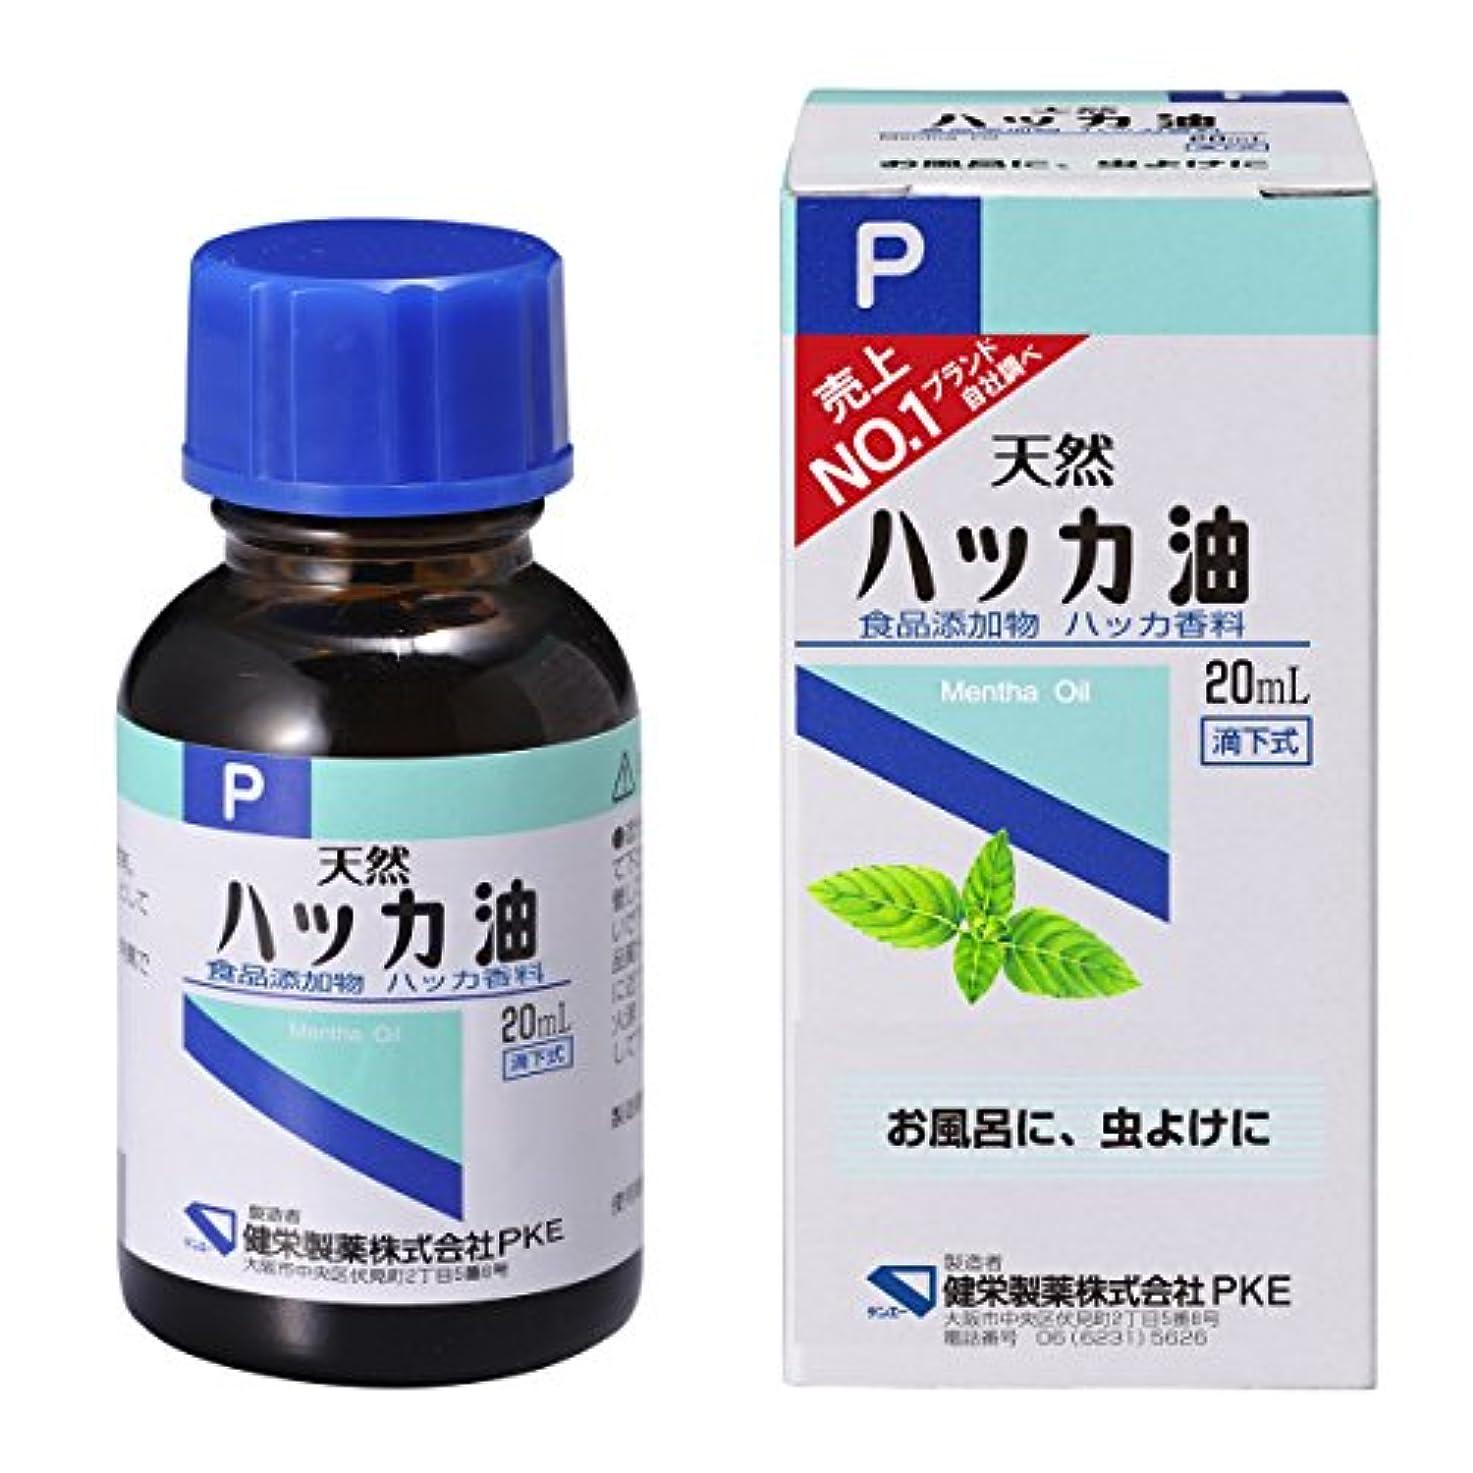 聖歌今永久【食品添加物】ハッカ油P 20ml(アロマ?お風呂?虫よけ)